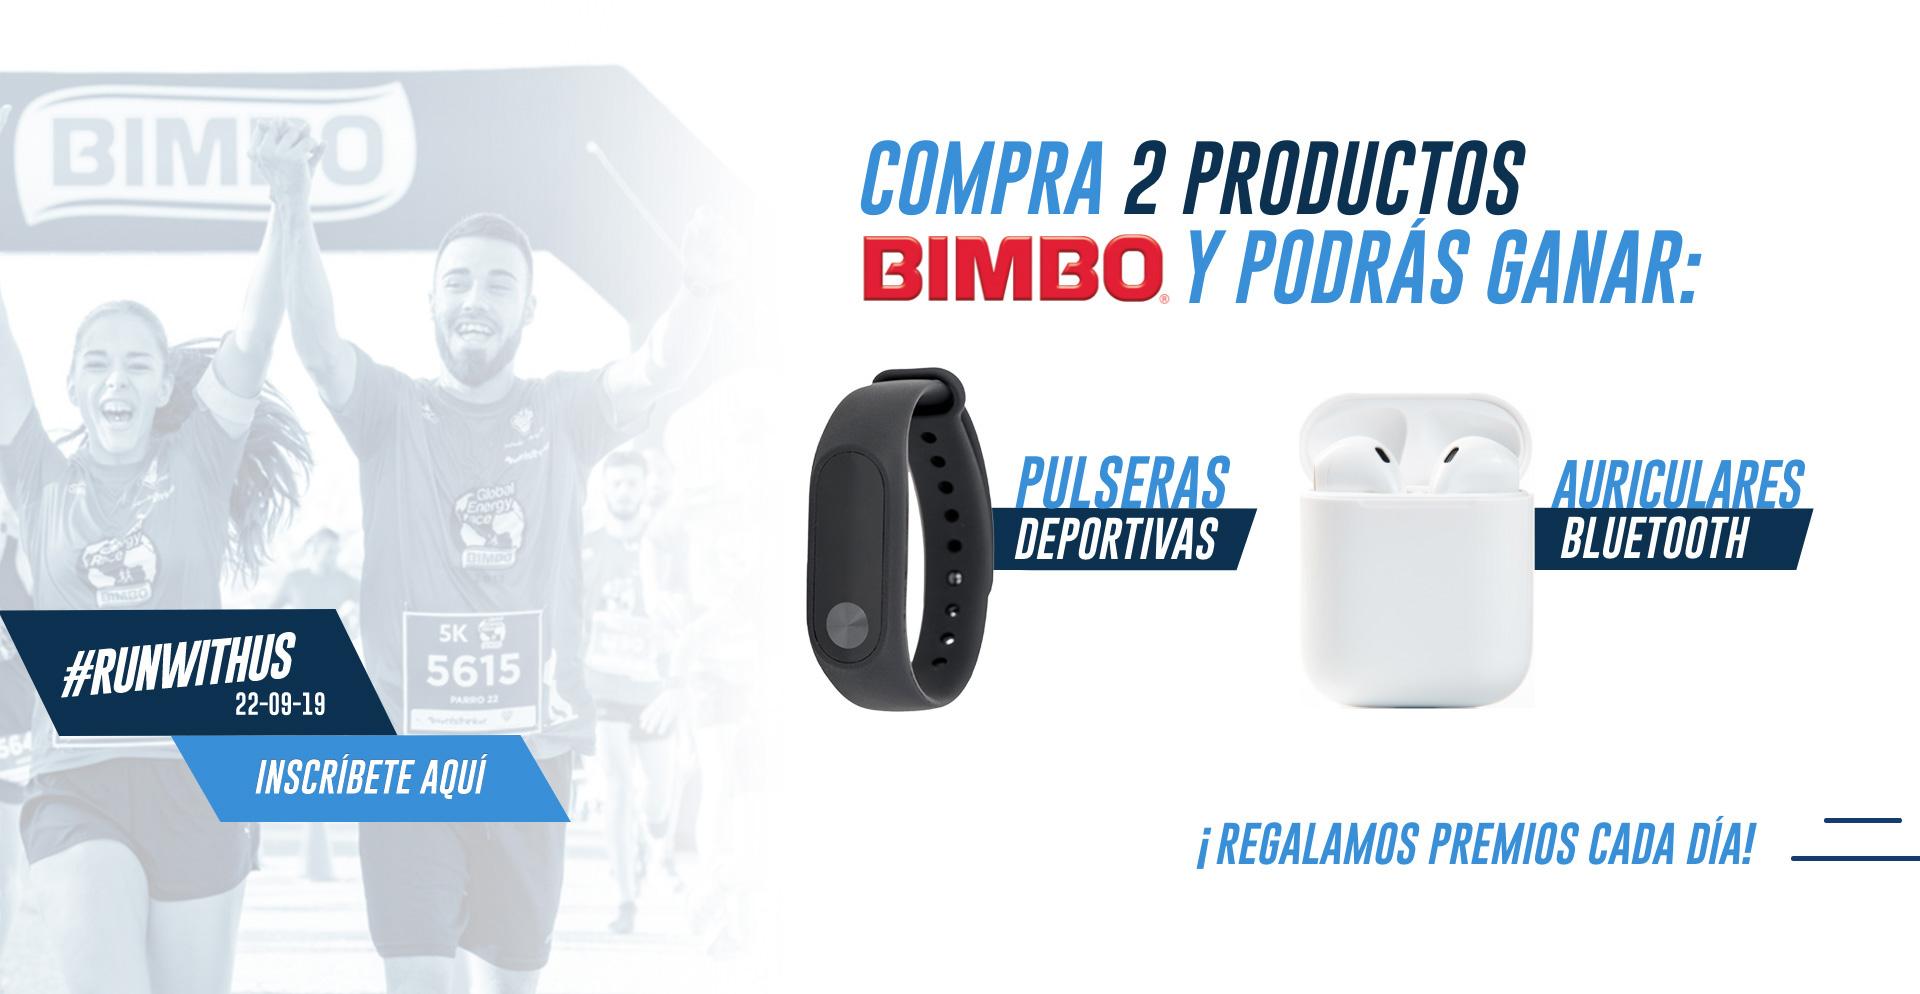 Compra 2 productos Bimbo y podrás ganar pulseras deportivas y auriculares bluetooth